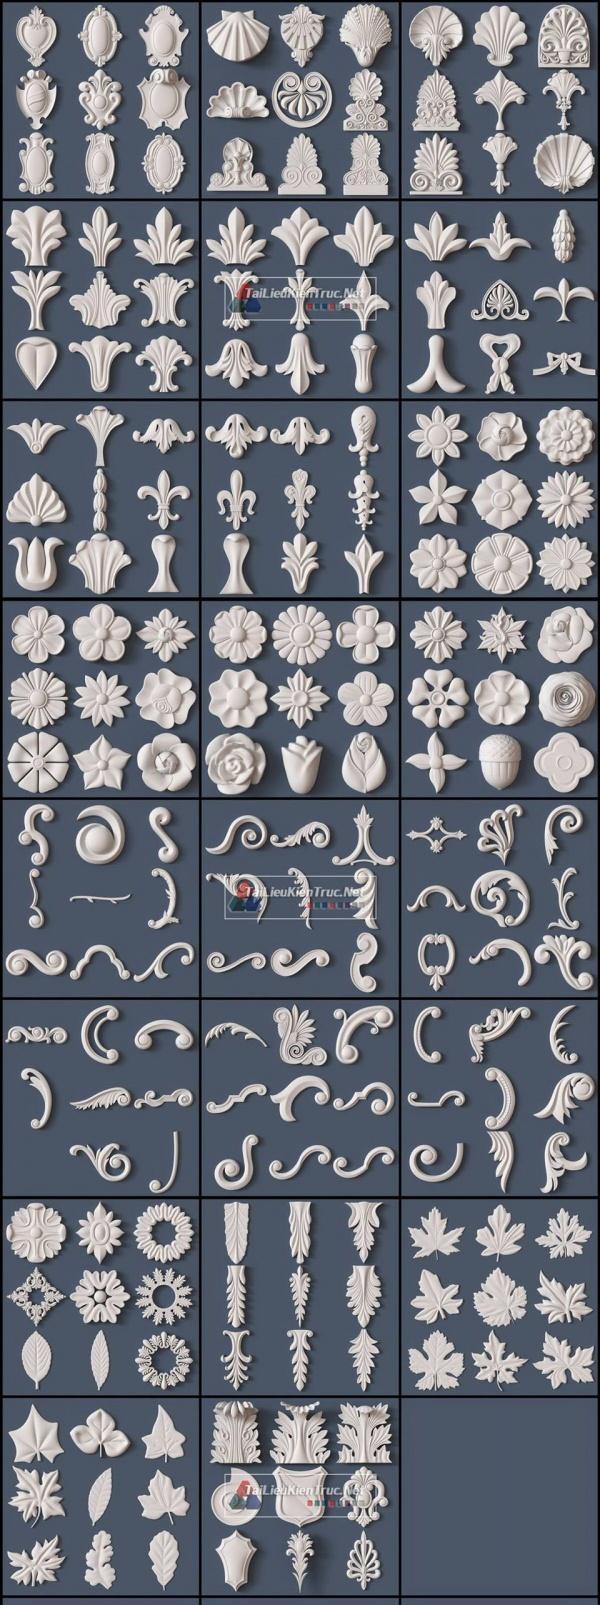 Thư viện 3D tân cổ điển tổng hợp 218 Model 3dsmax về chi tiết Hoa văn phù điêu cực đẹp chất lượng cao